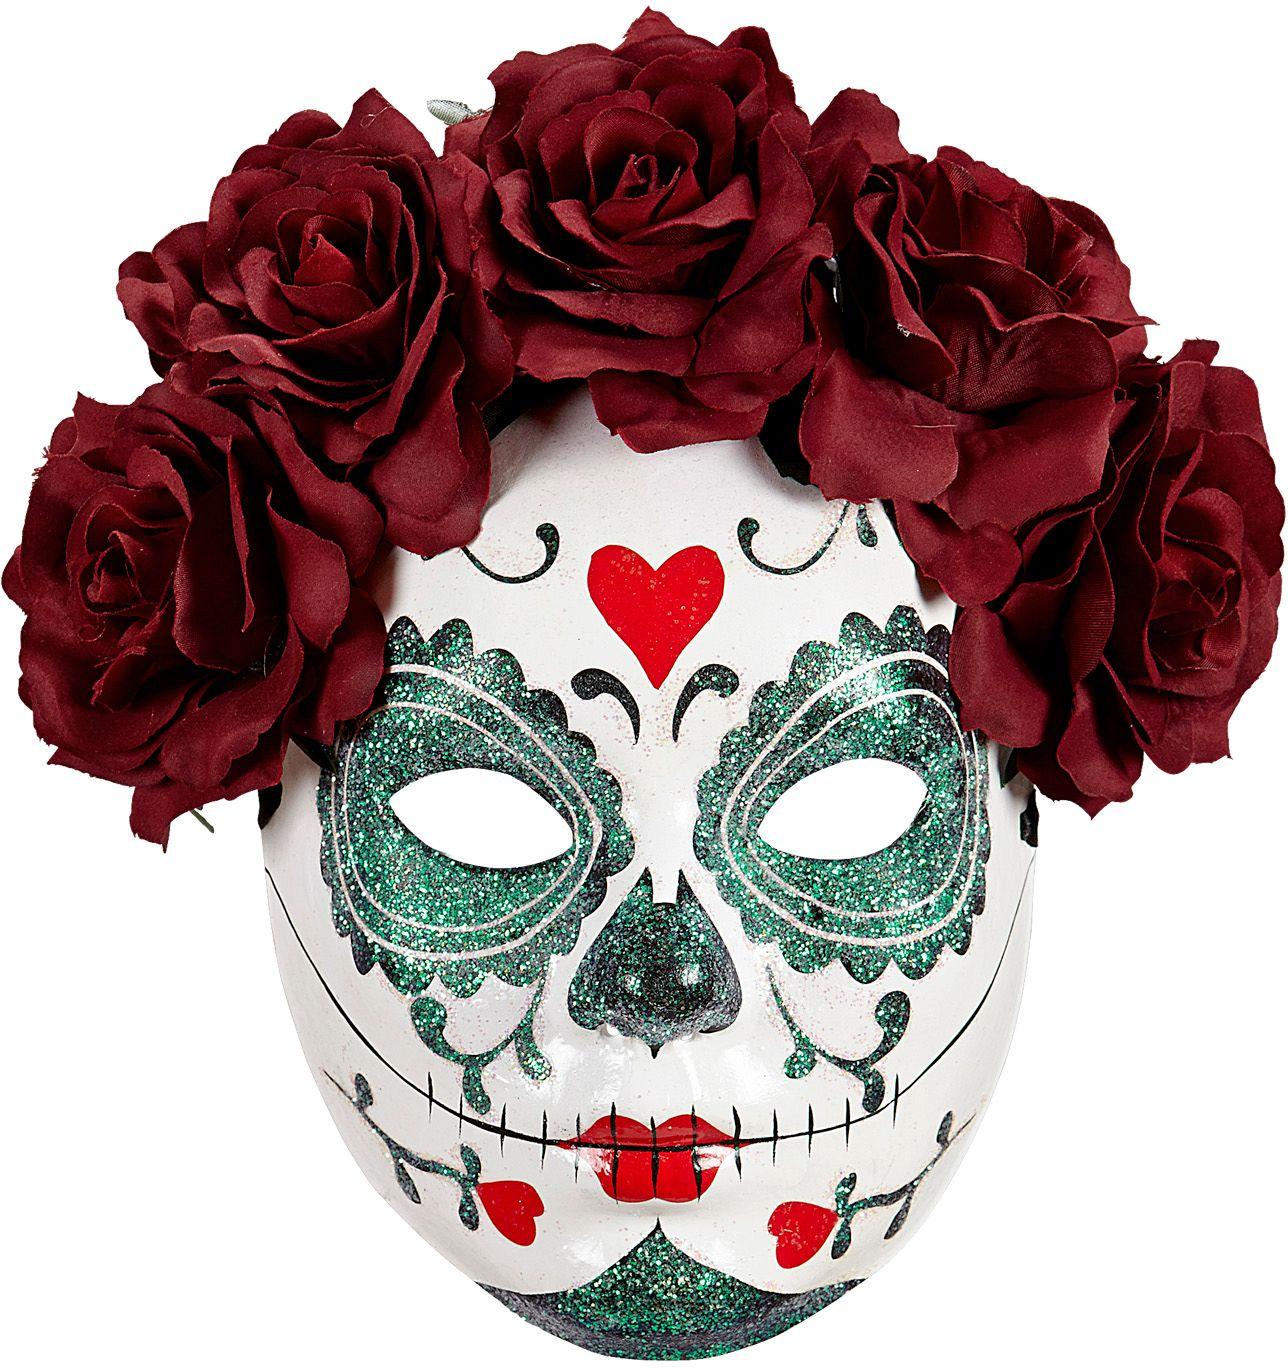 Dia de los muertos masker met bordeauxrode rozen